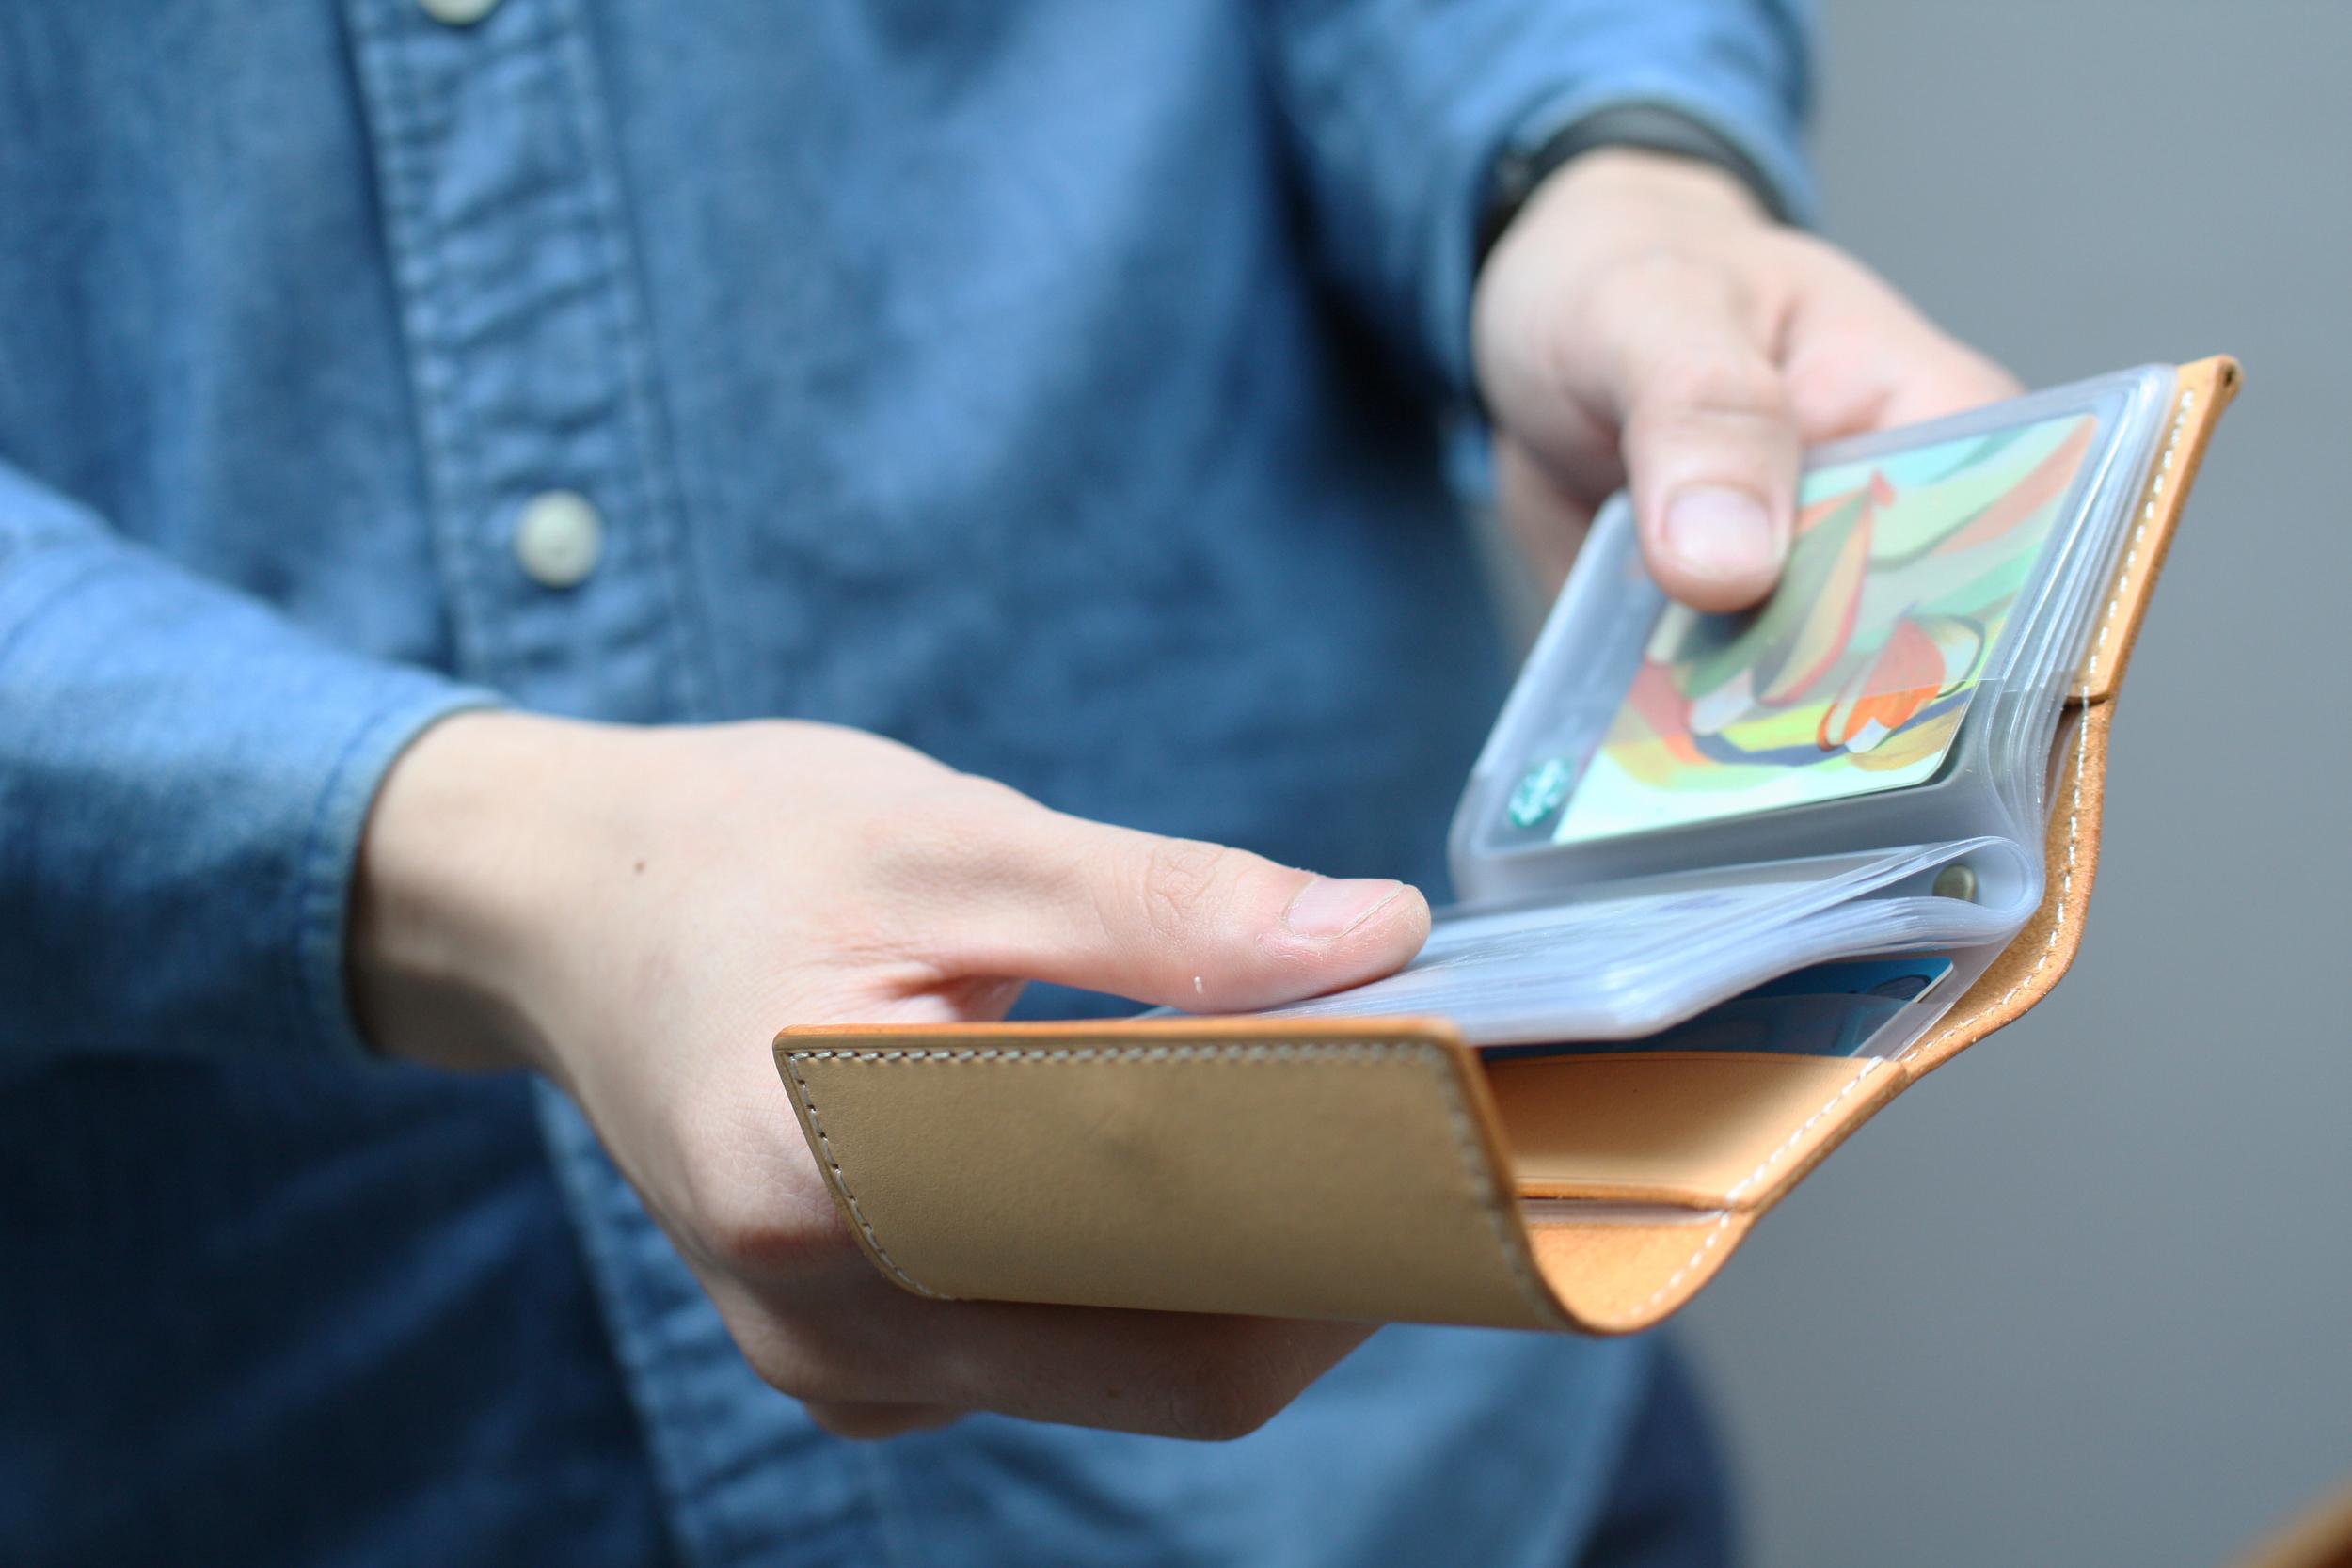 卡片收納夾 課程:$ 1,680          3 hr       商品:$ 1,980